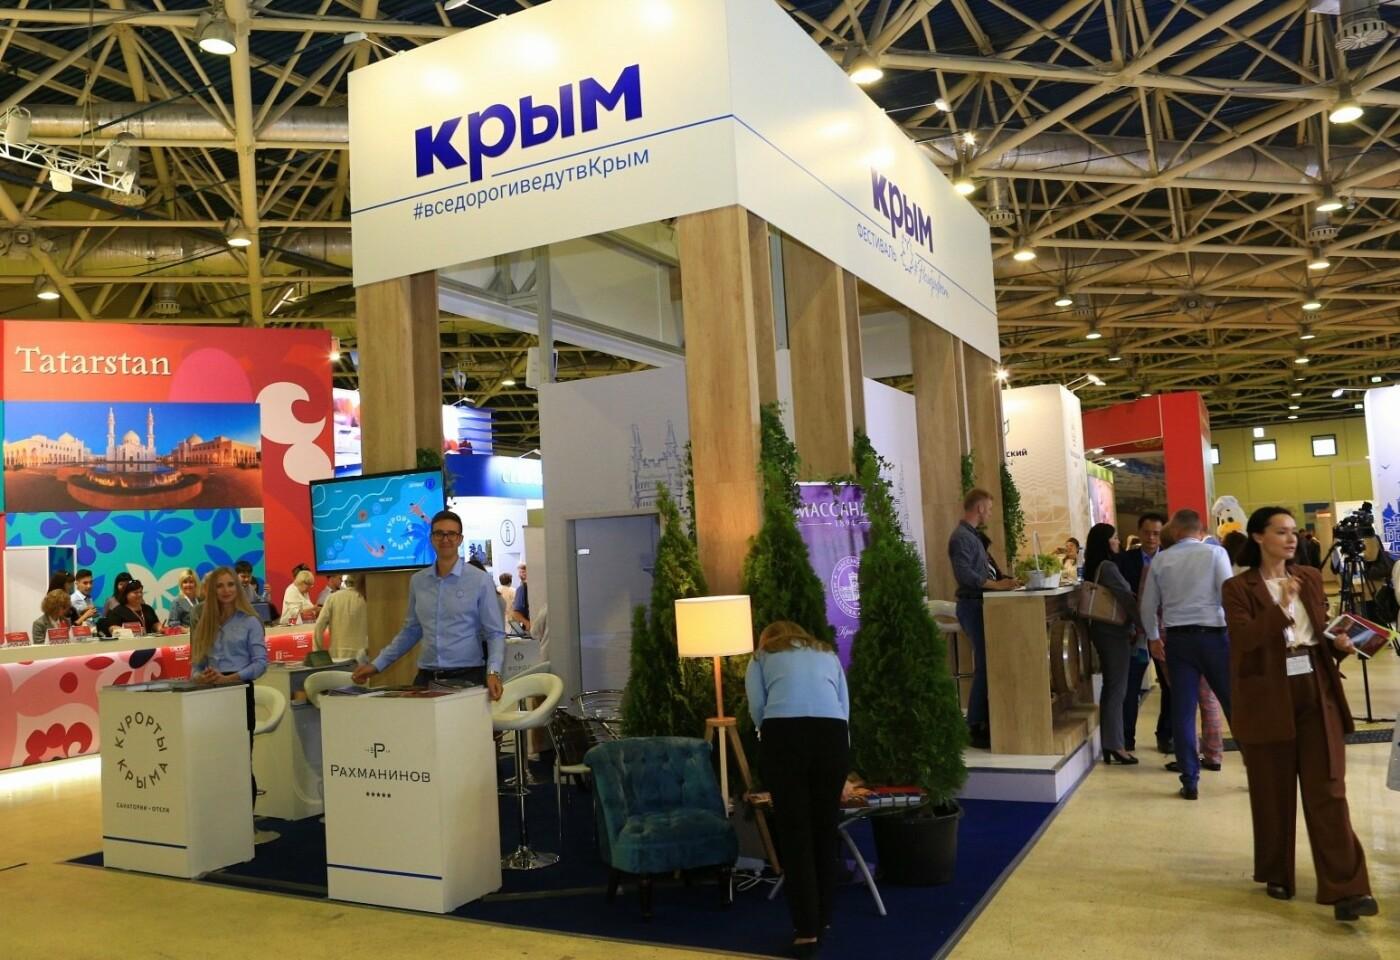 Санатории сети «Курорты Крыма» презентуют свои возможности на Международной выставке по туризму, фото-1